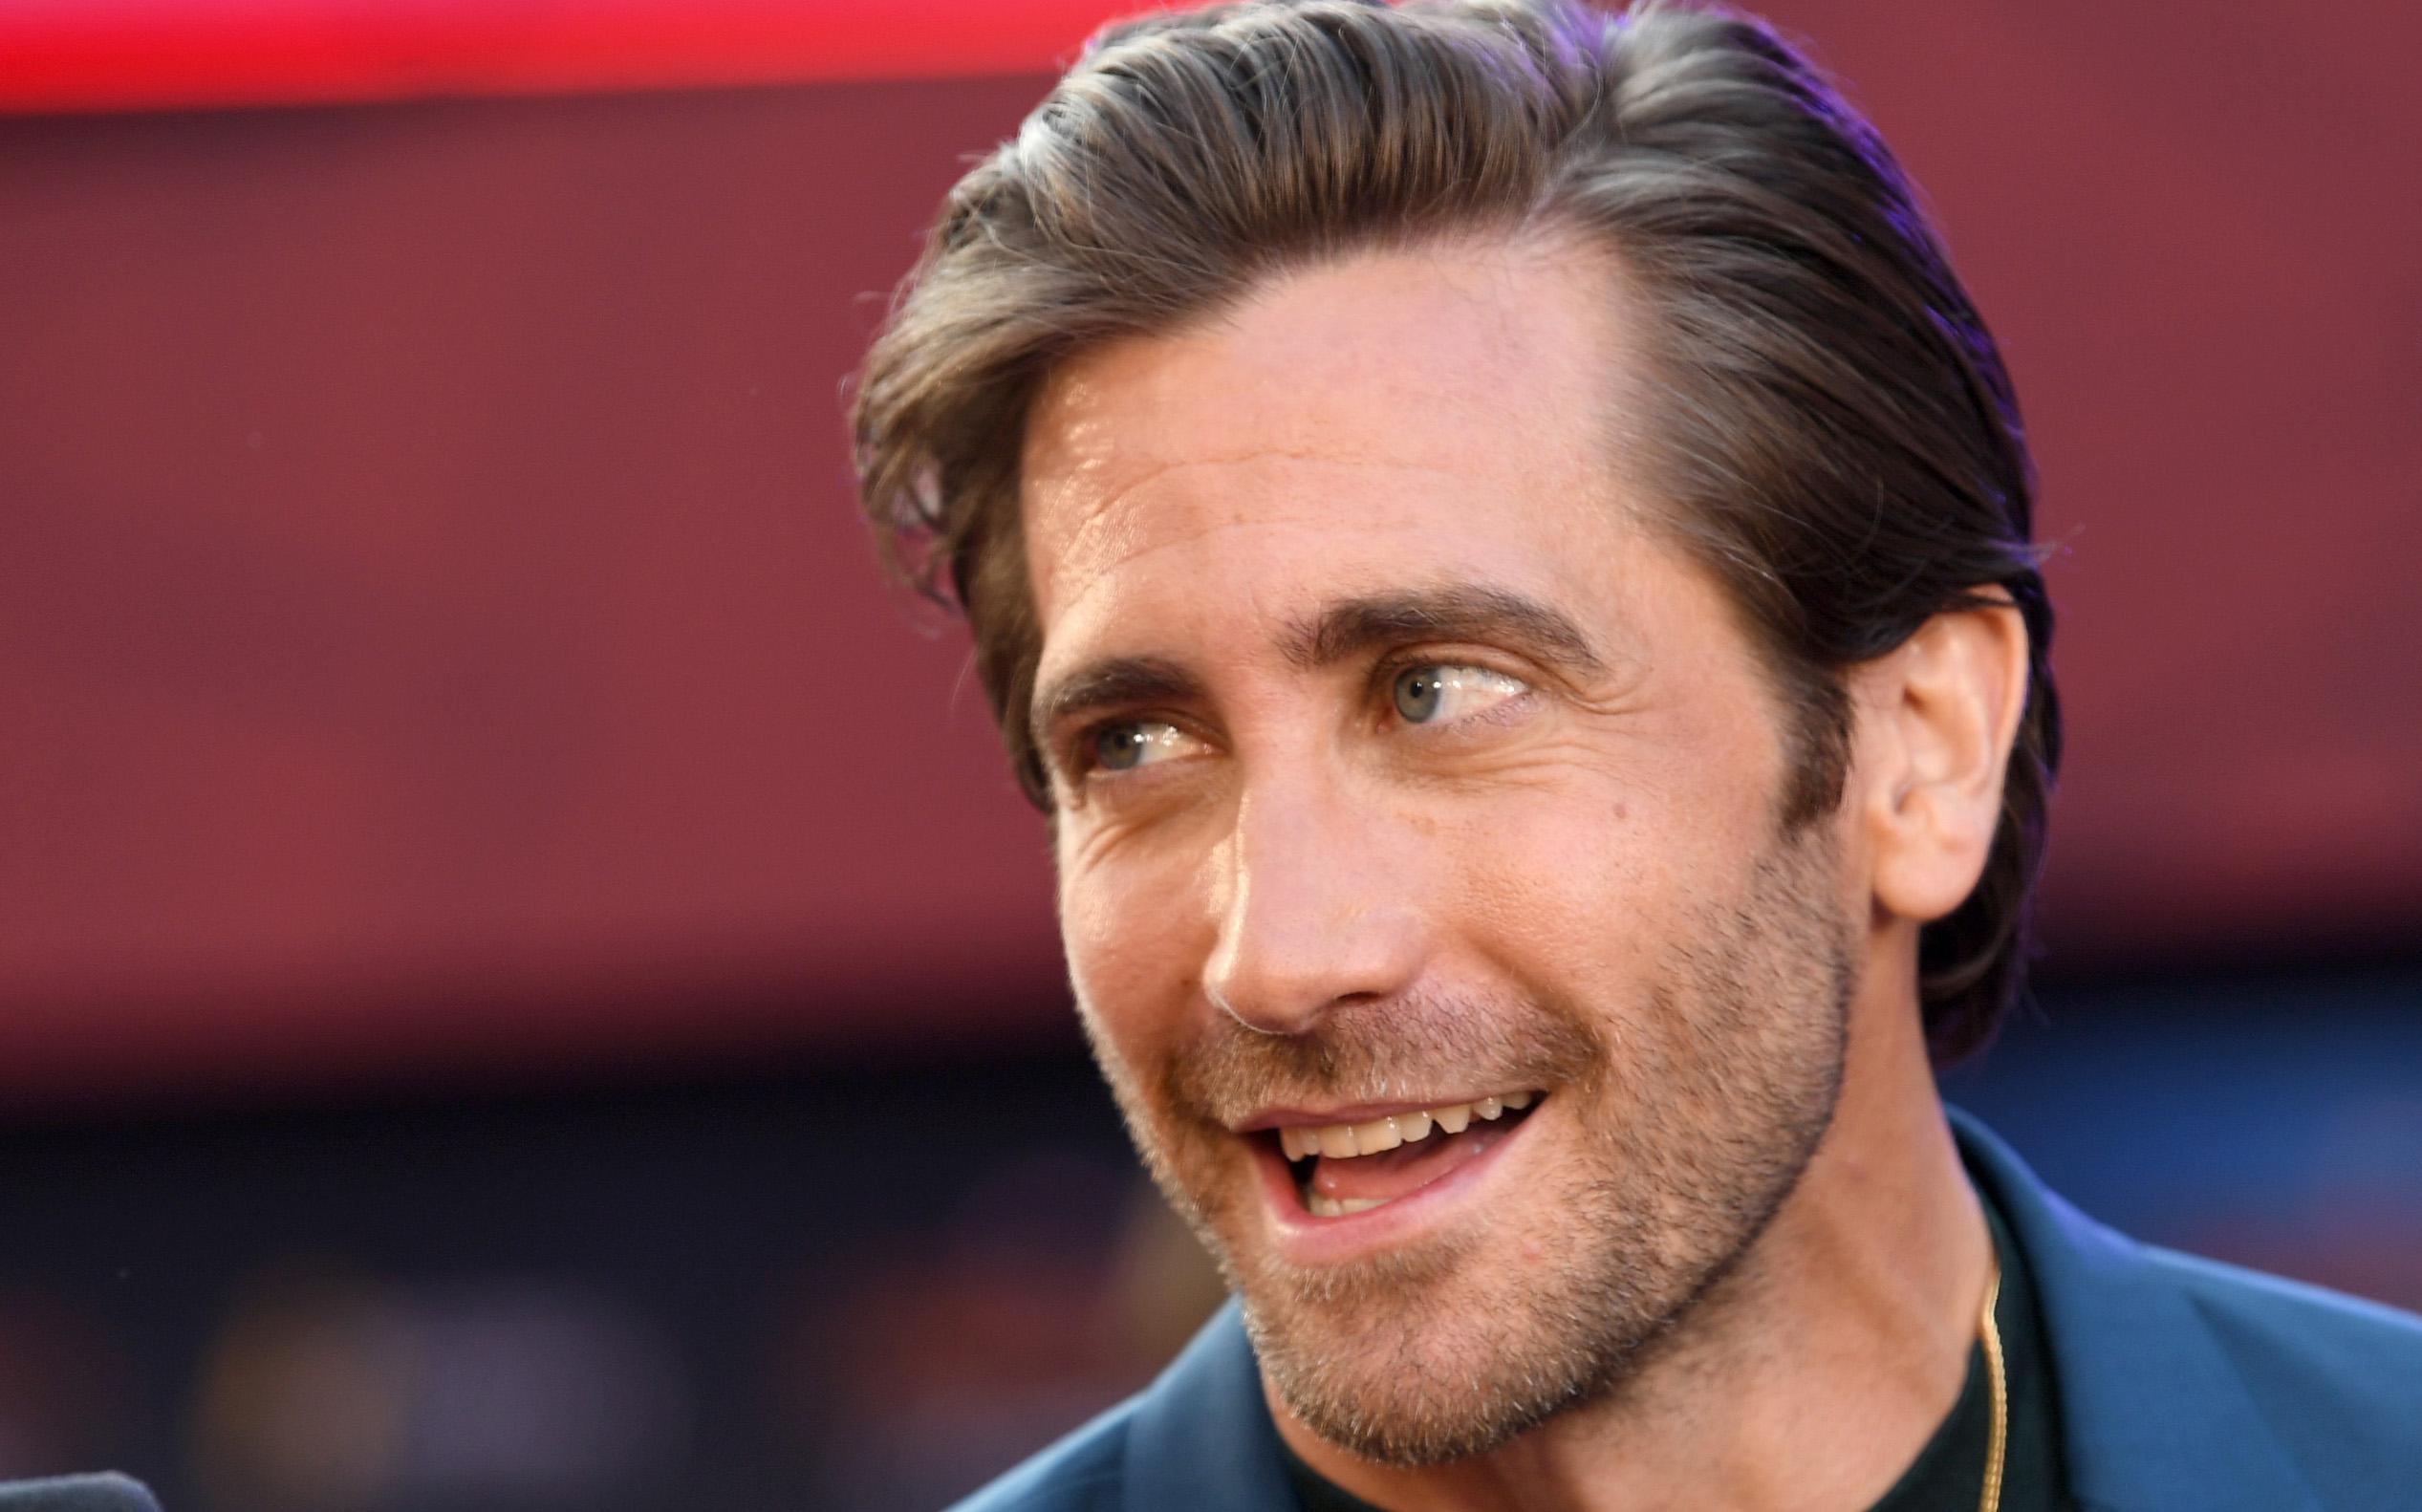 Jake Gyllenhaal, deodorant, grooming